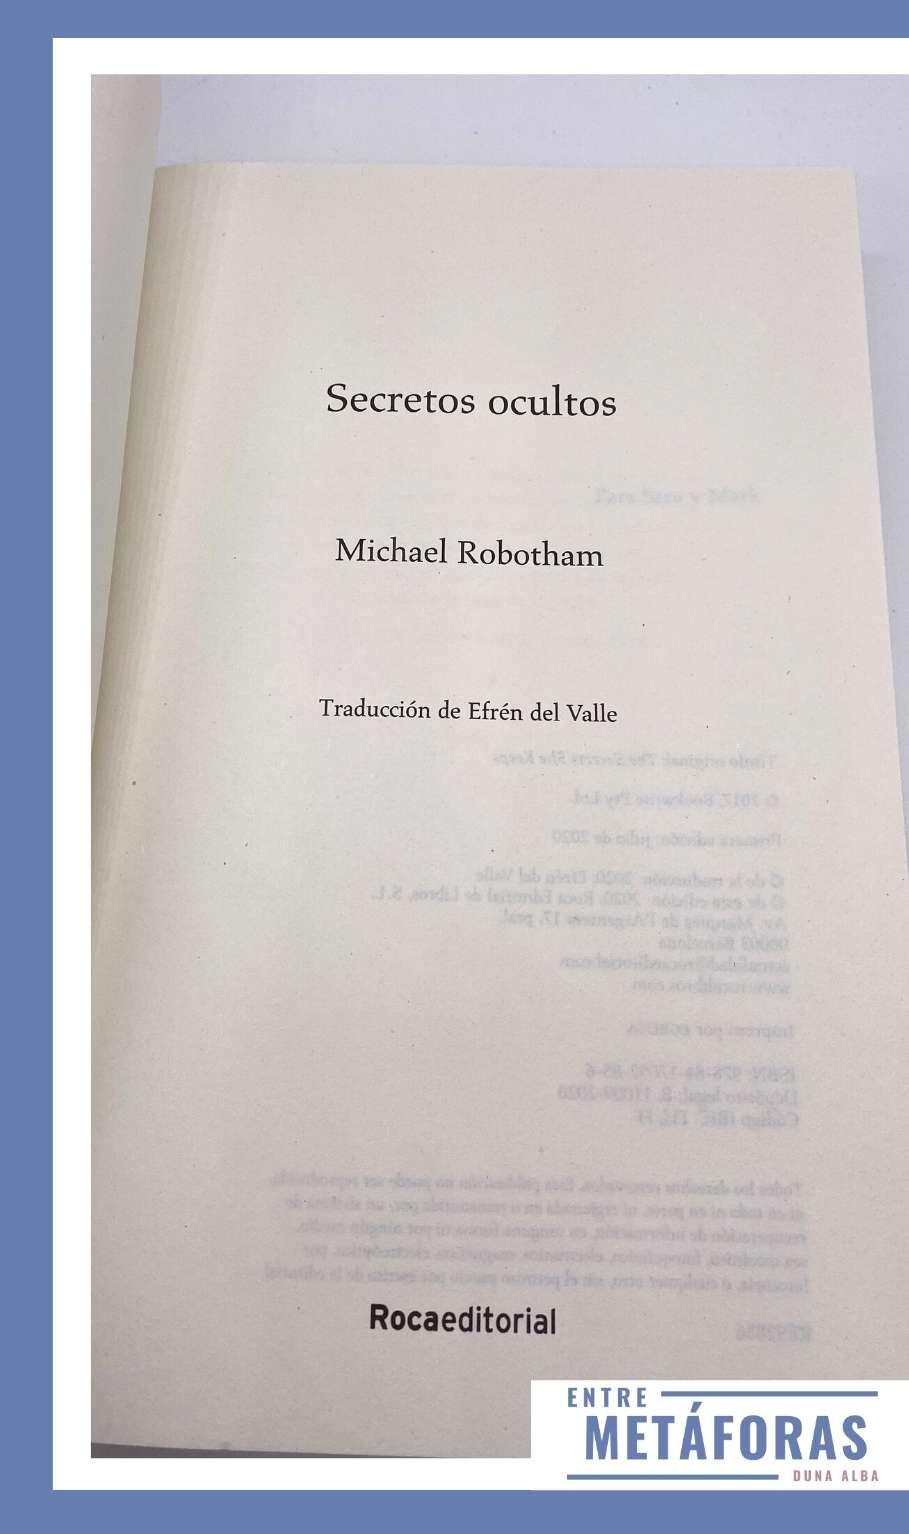 Secretos ocultos, de Michael Robotham